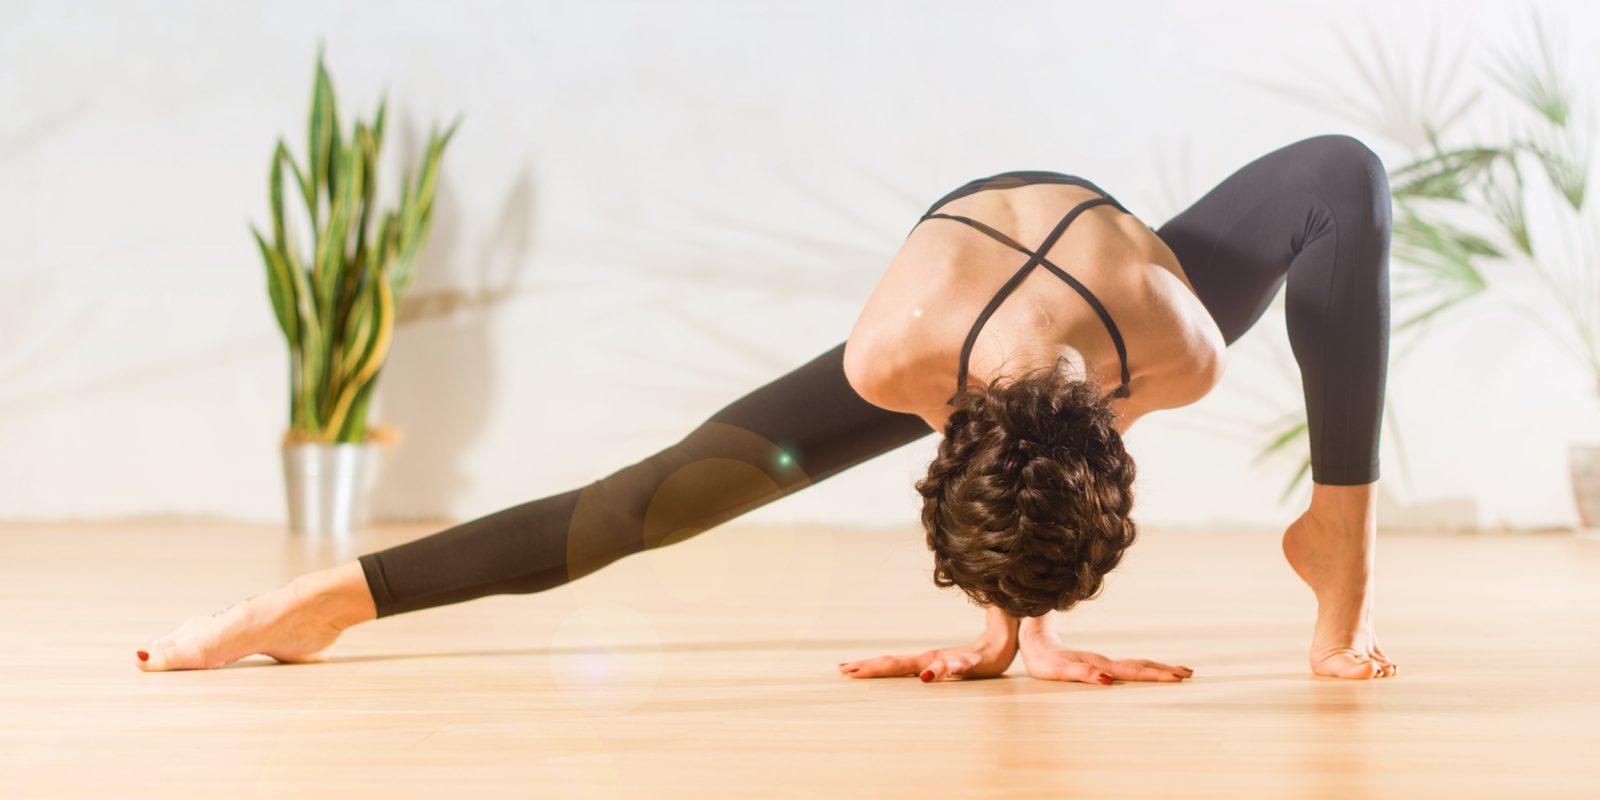 Бесплатное учение йоги для начинающих в приятной домашней обстановке 70